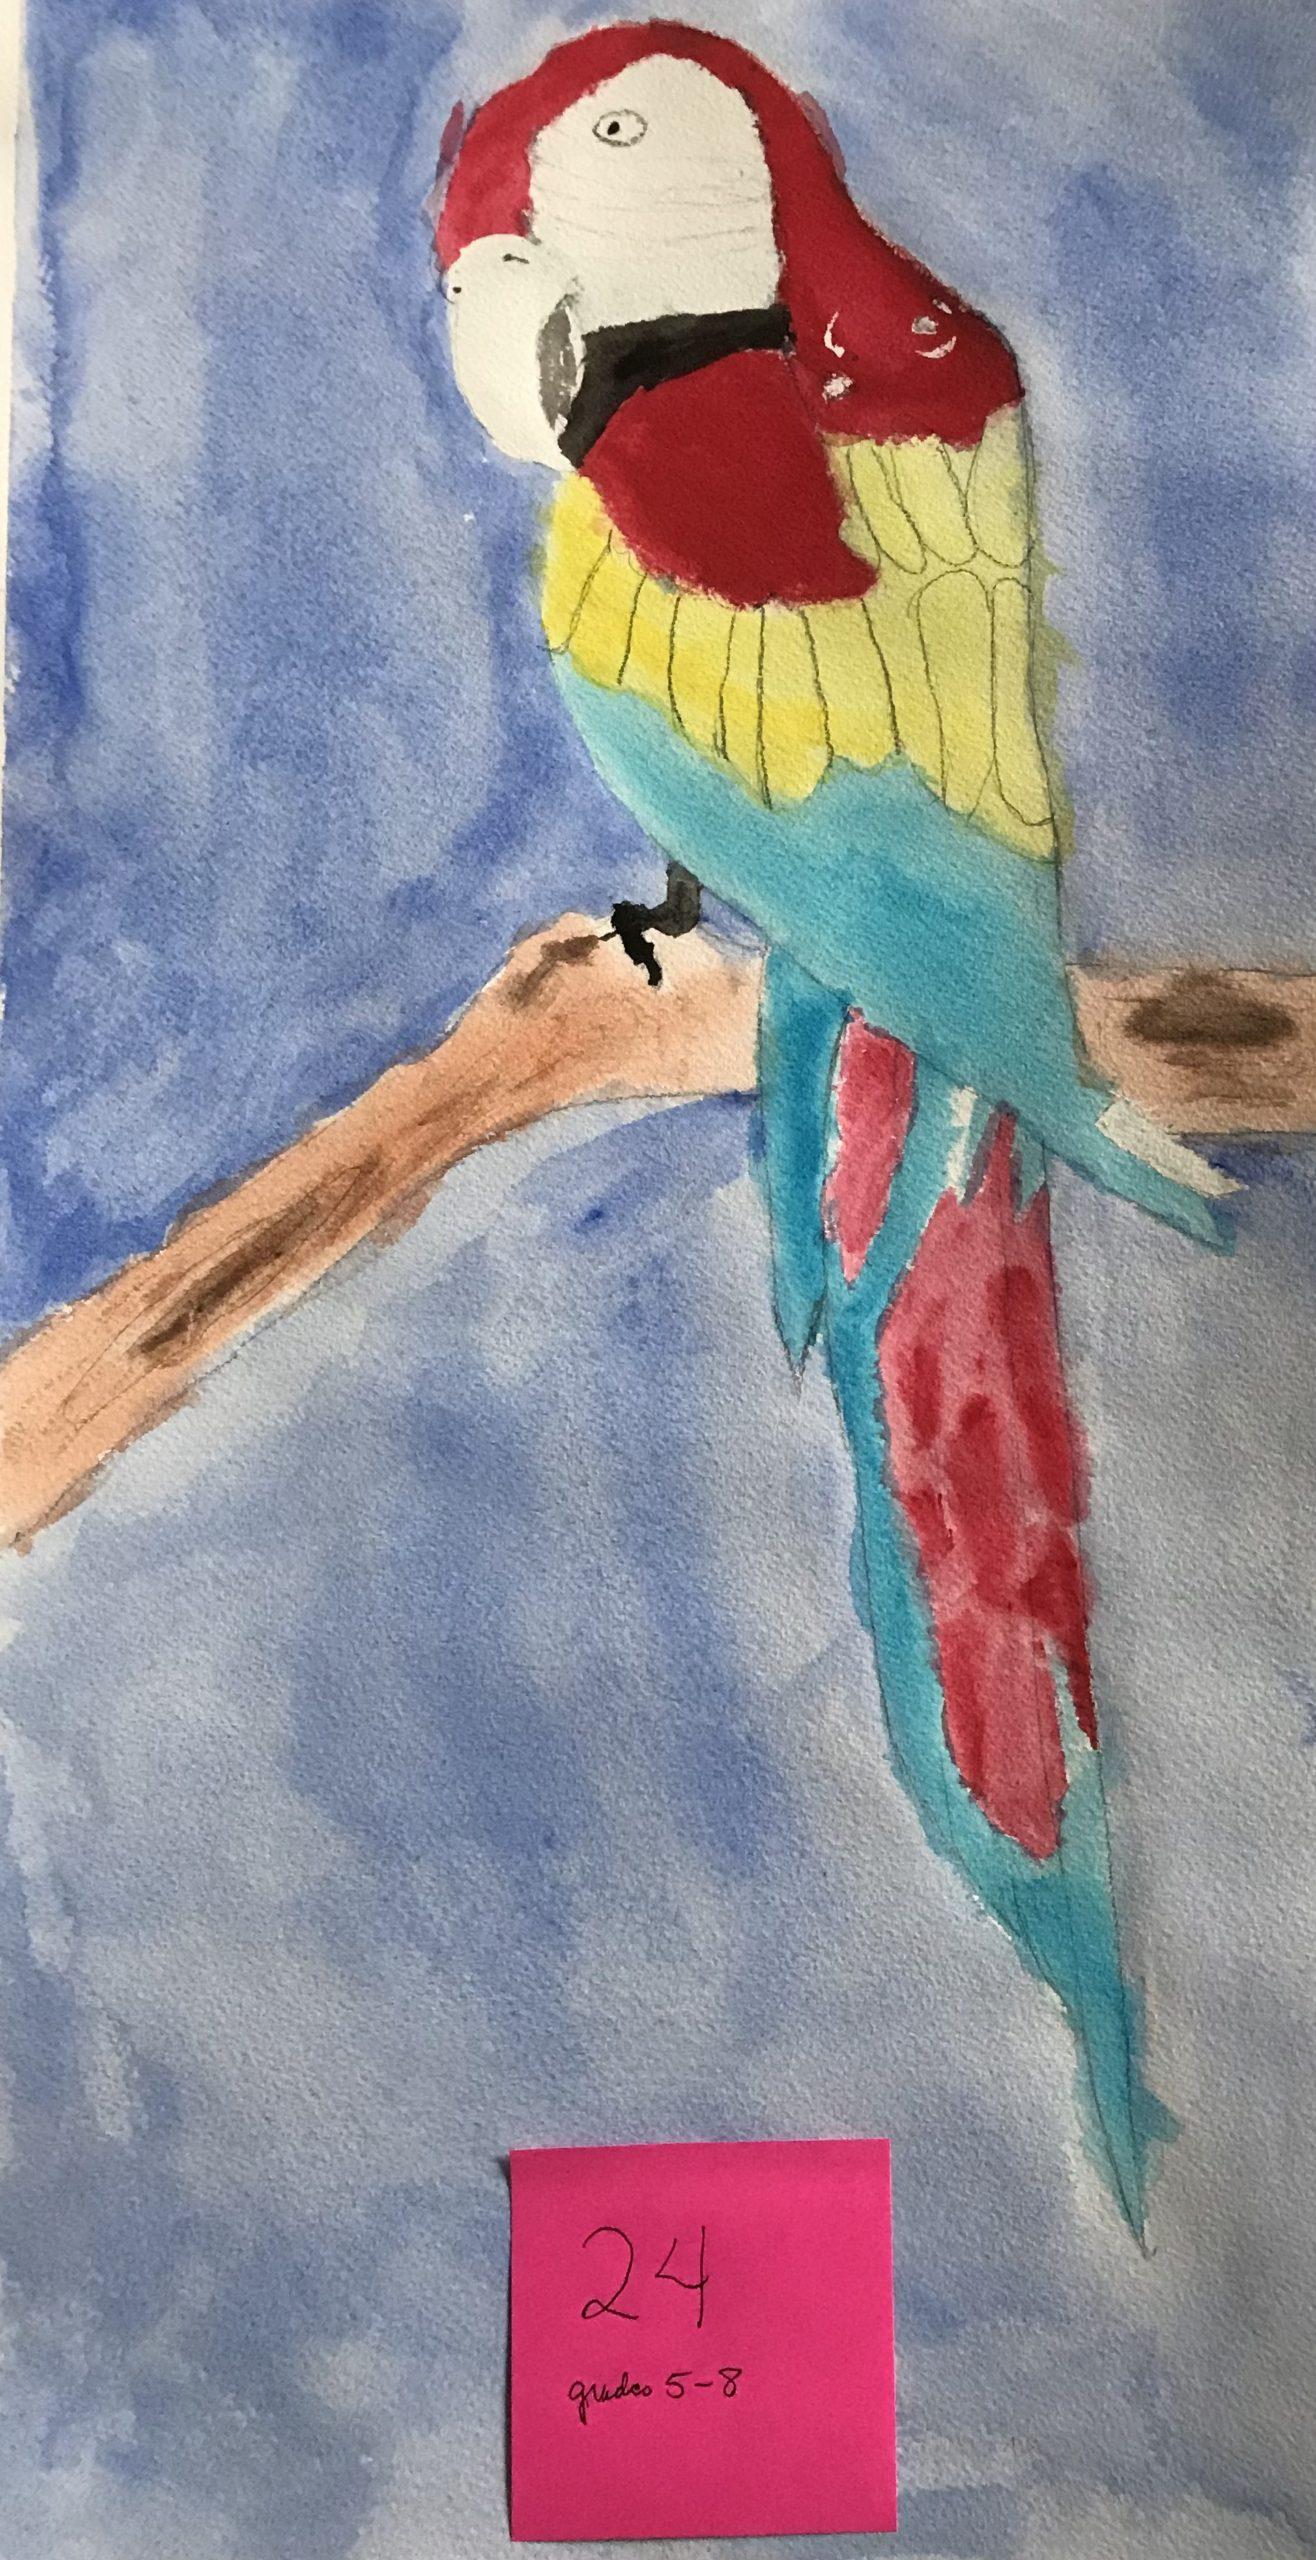 YAC 2020 #24 5-8 Macaw